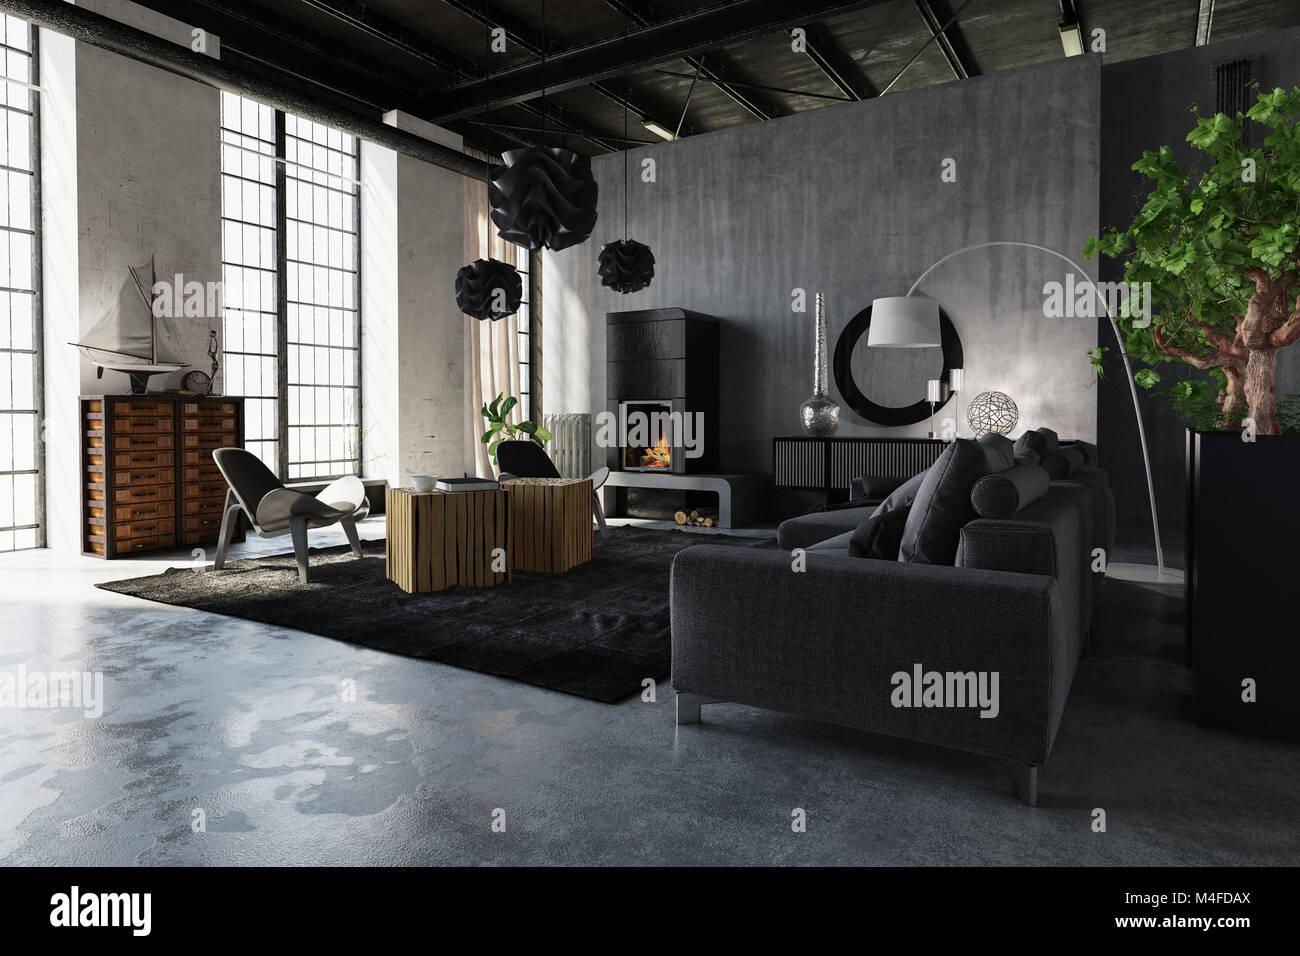 Il lusso moderno loft industriale la conversione con confortevoli